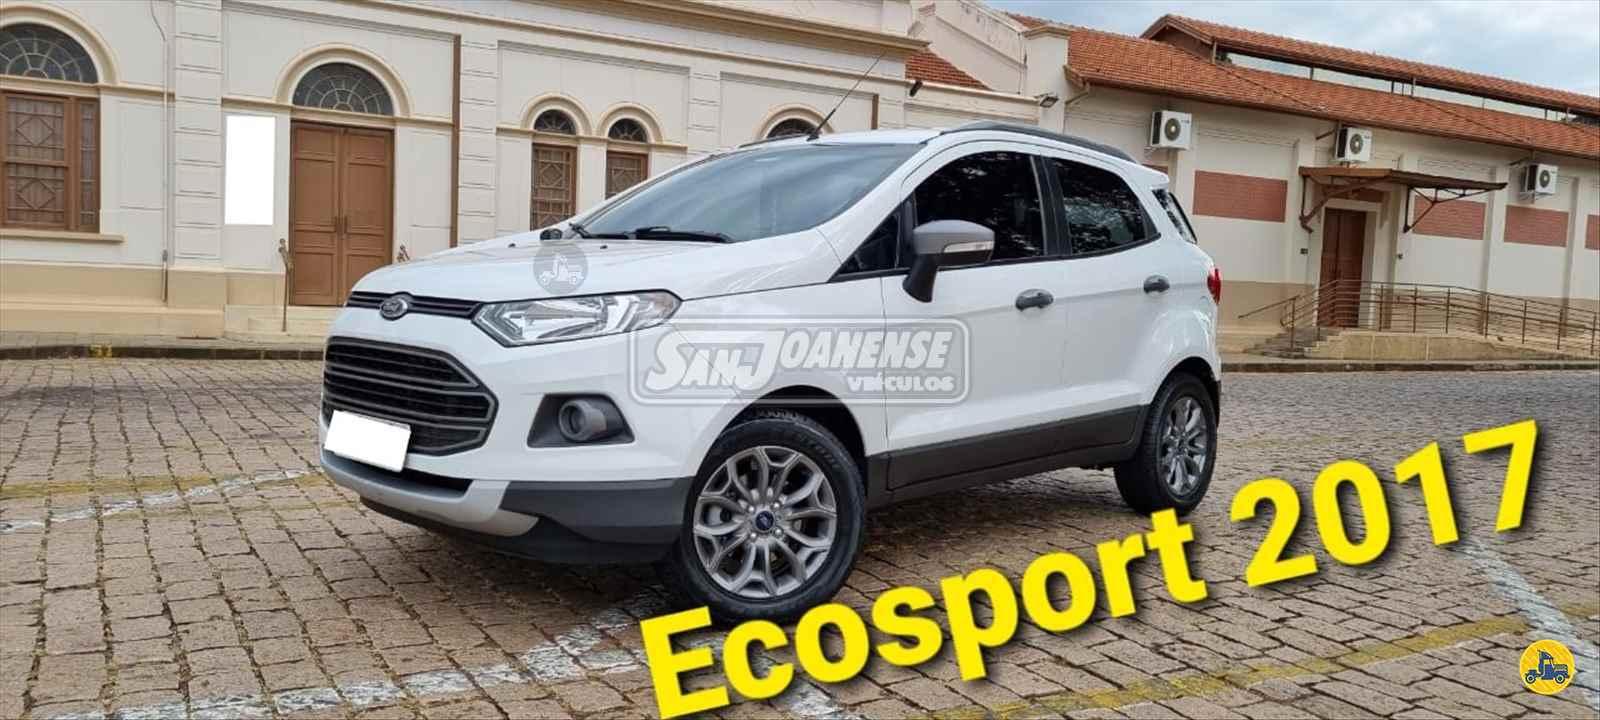 CARRO FORD EcoSport 1.6 XLT Freestyle Sanjoanense Veículos SAO JOAO DA BOA VISTA SÃO PAULO SP